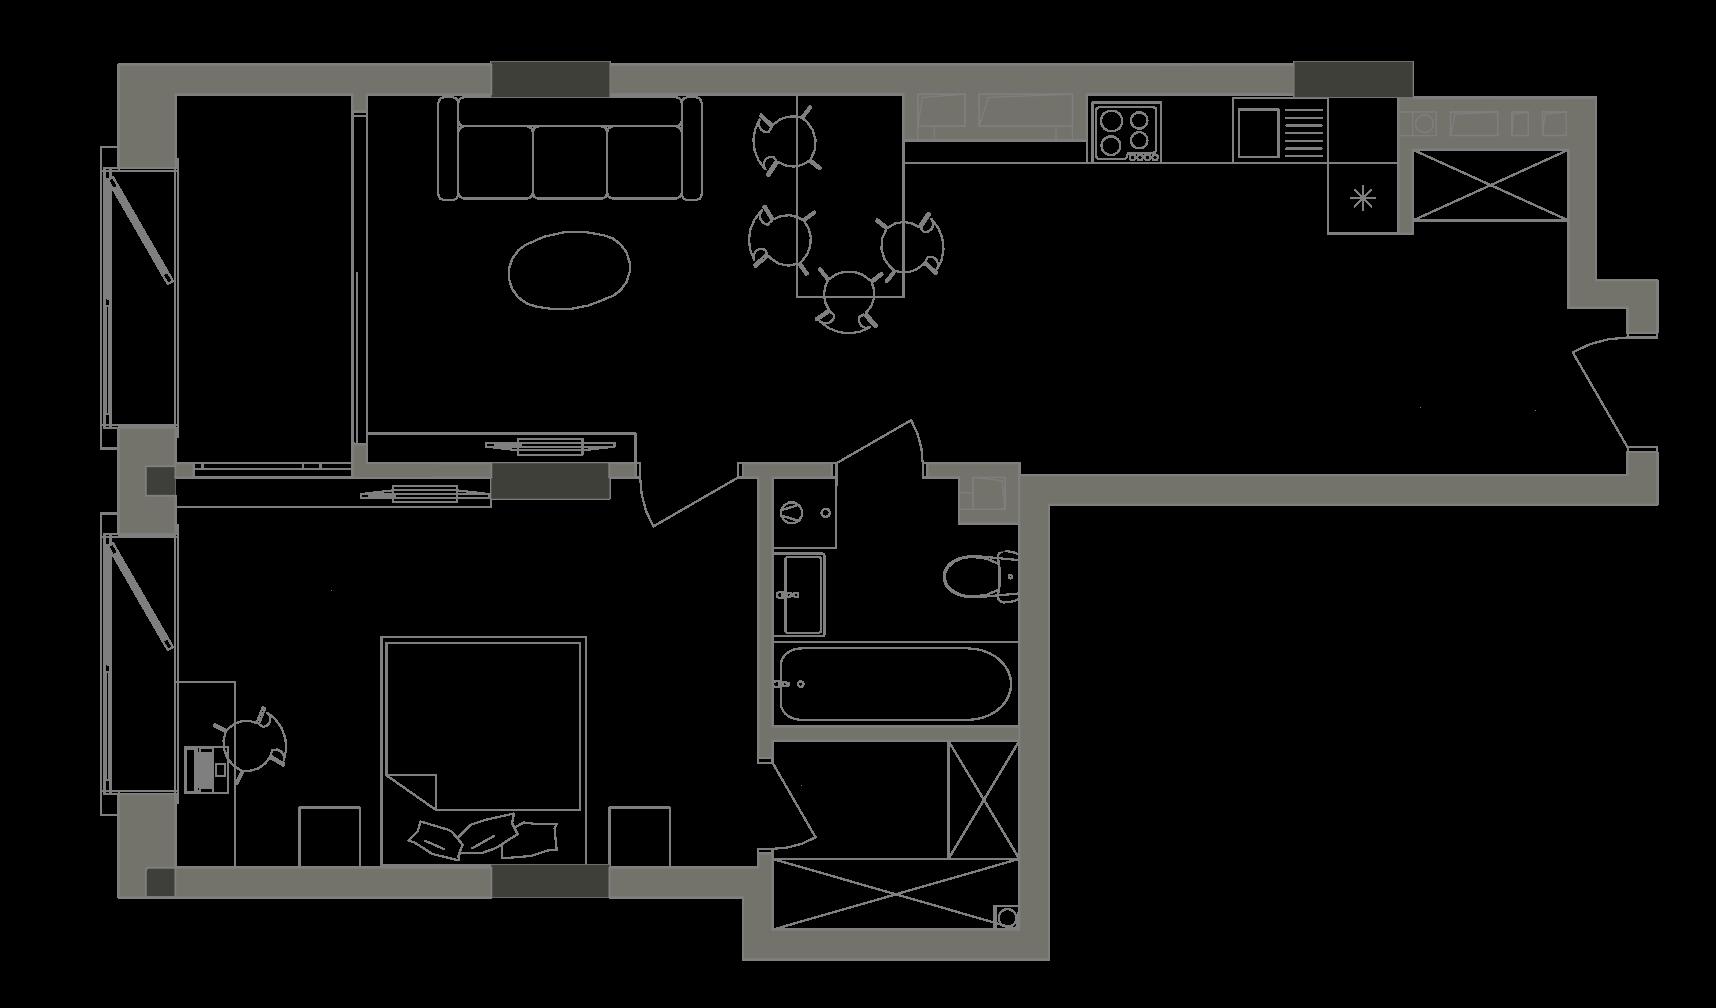 Квартира KV_42_1B_1_1_4